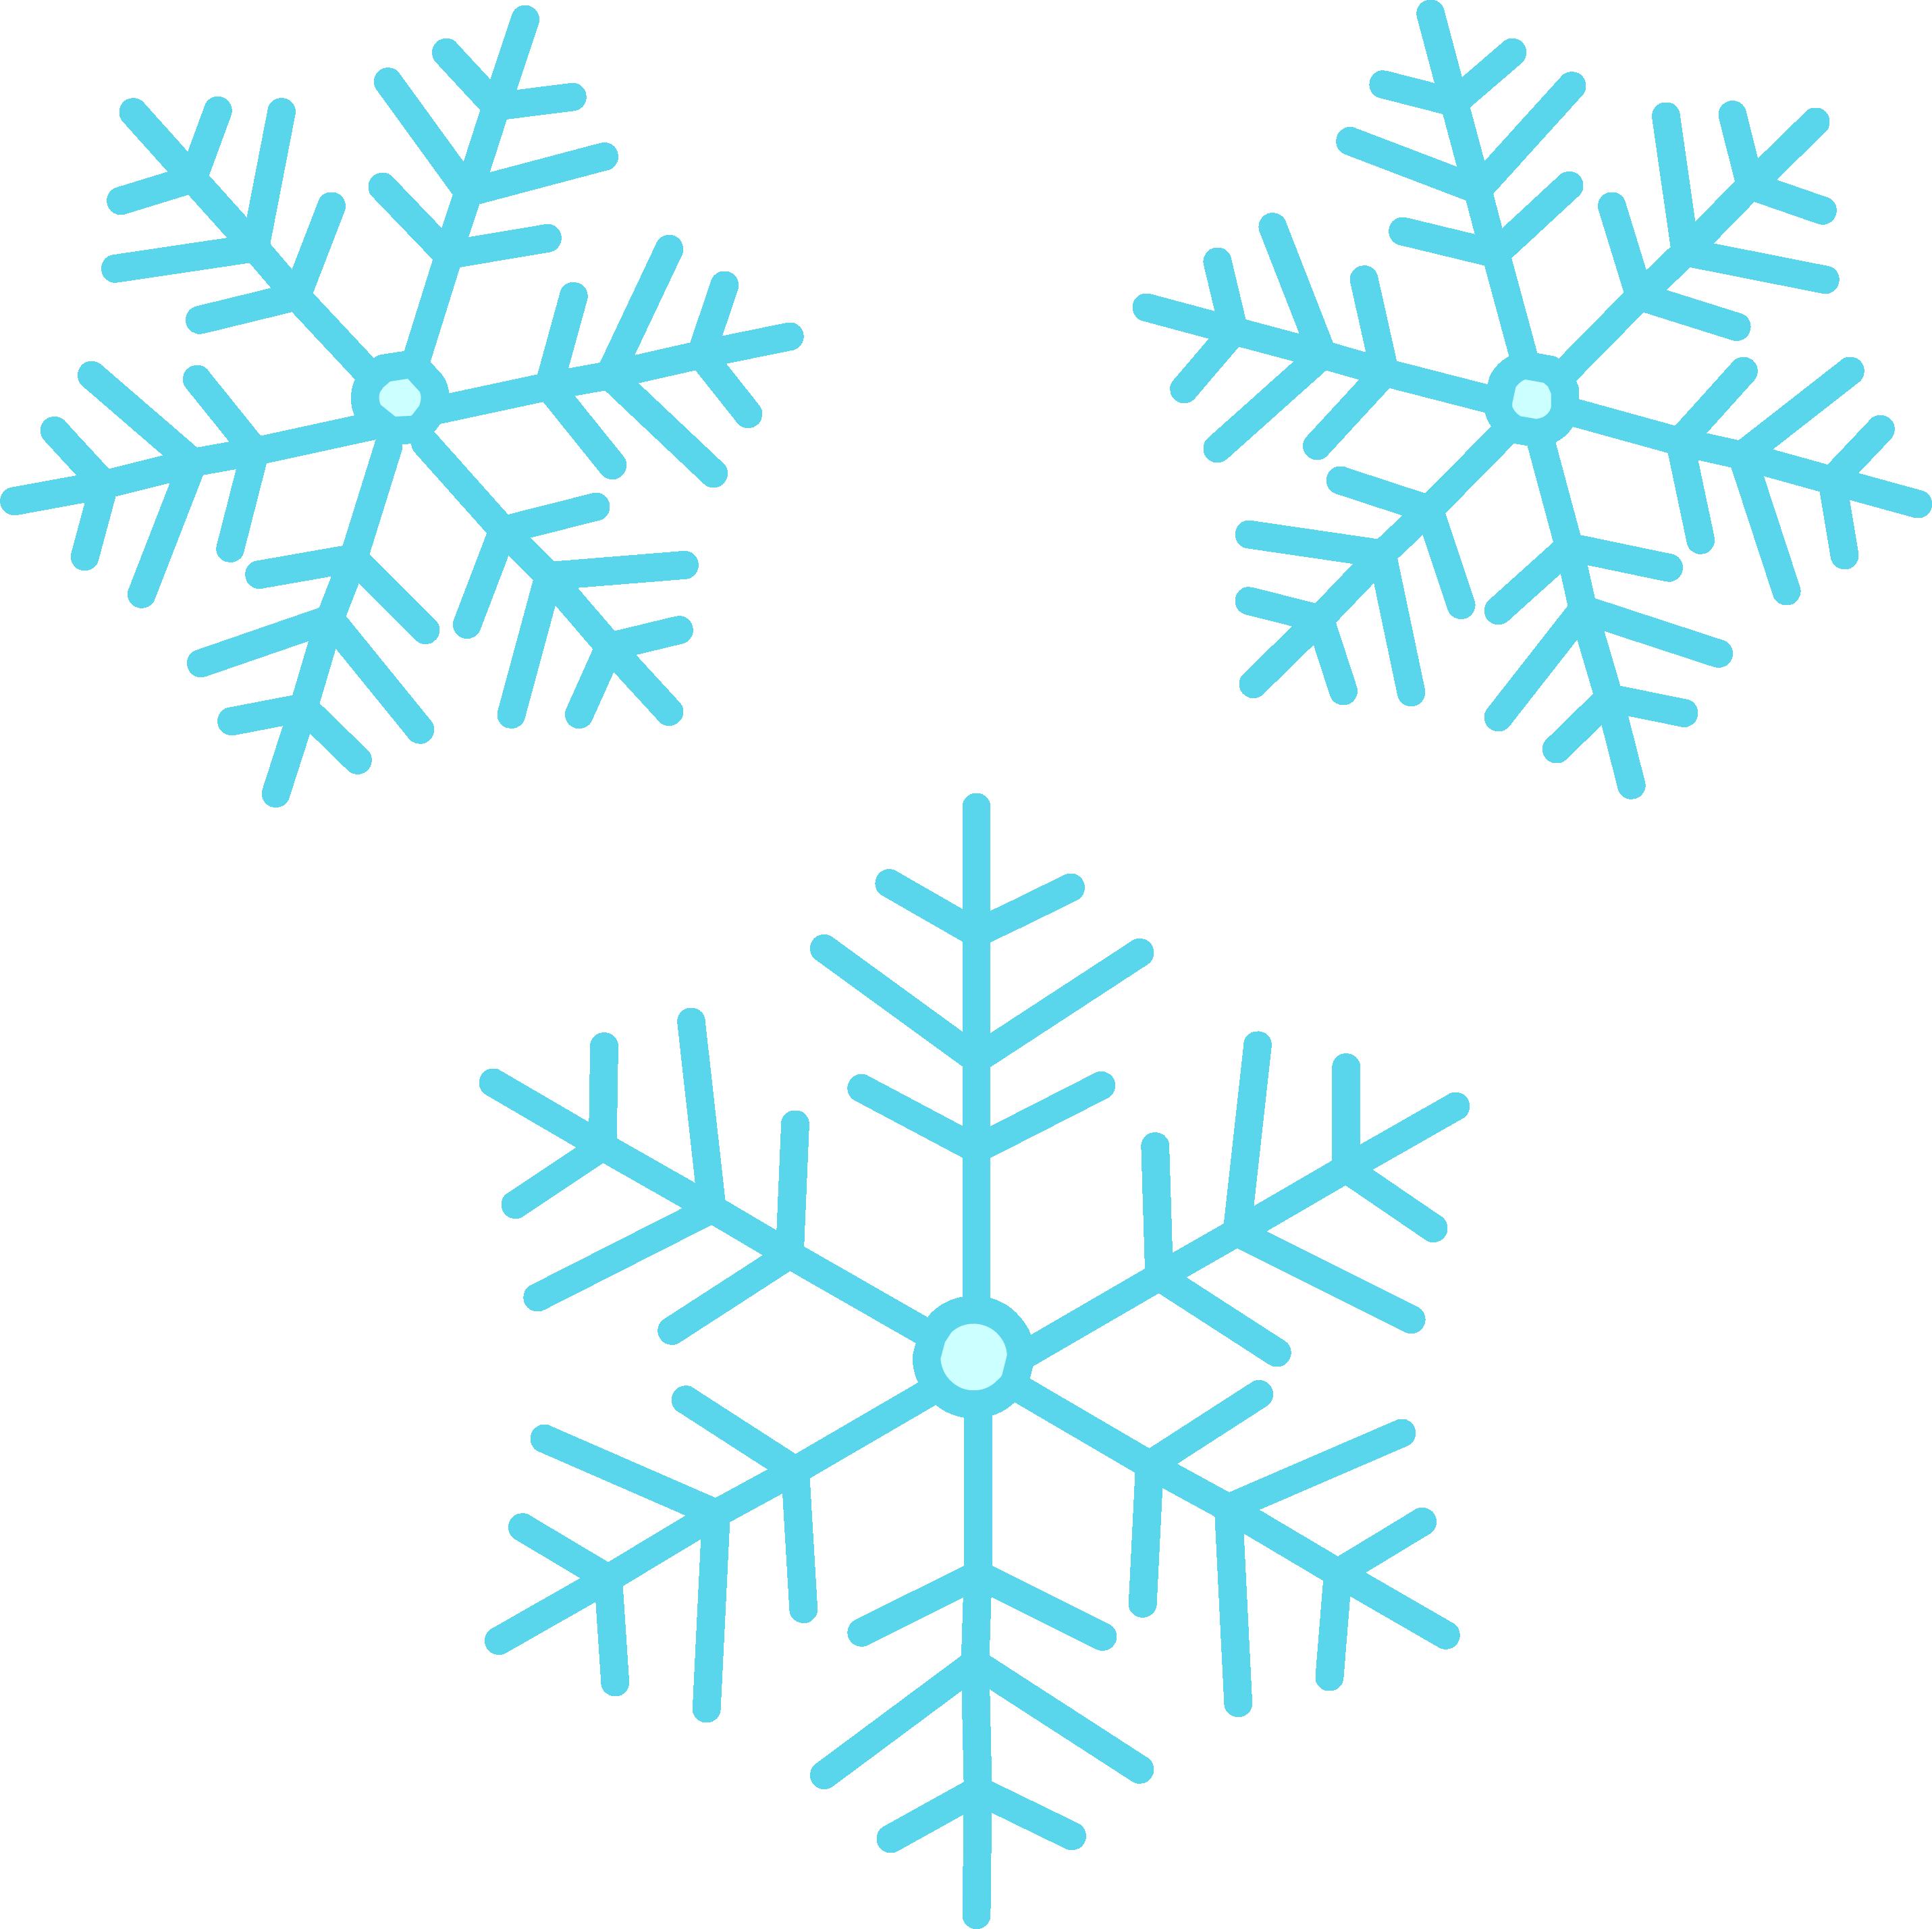 Icones flocon de neige images flocons png et ico